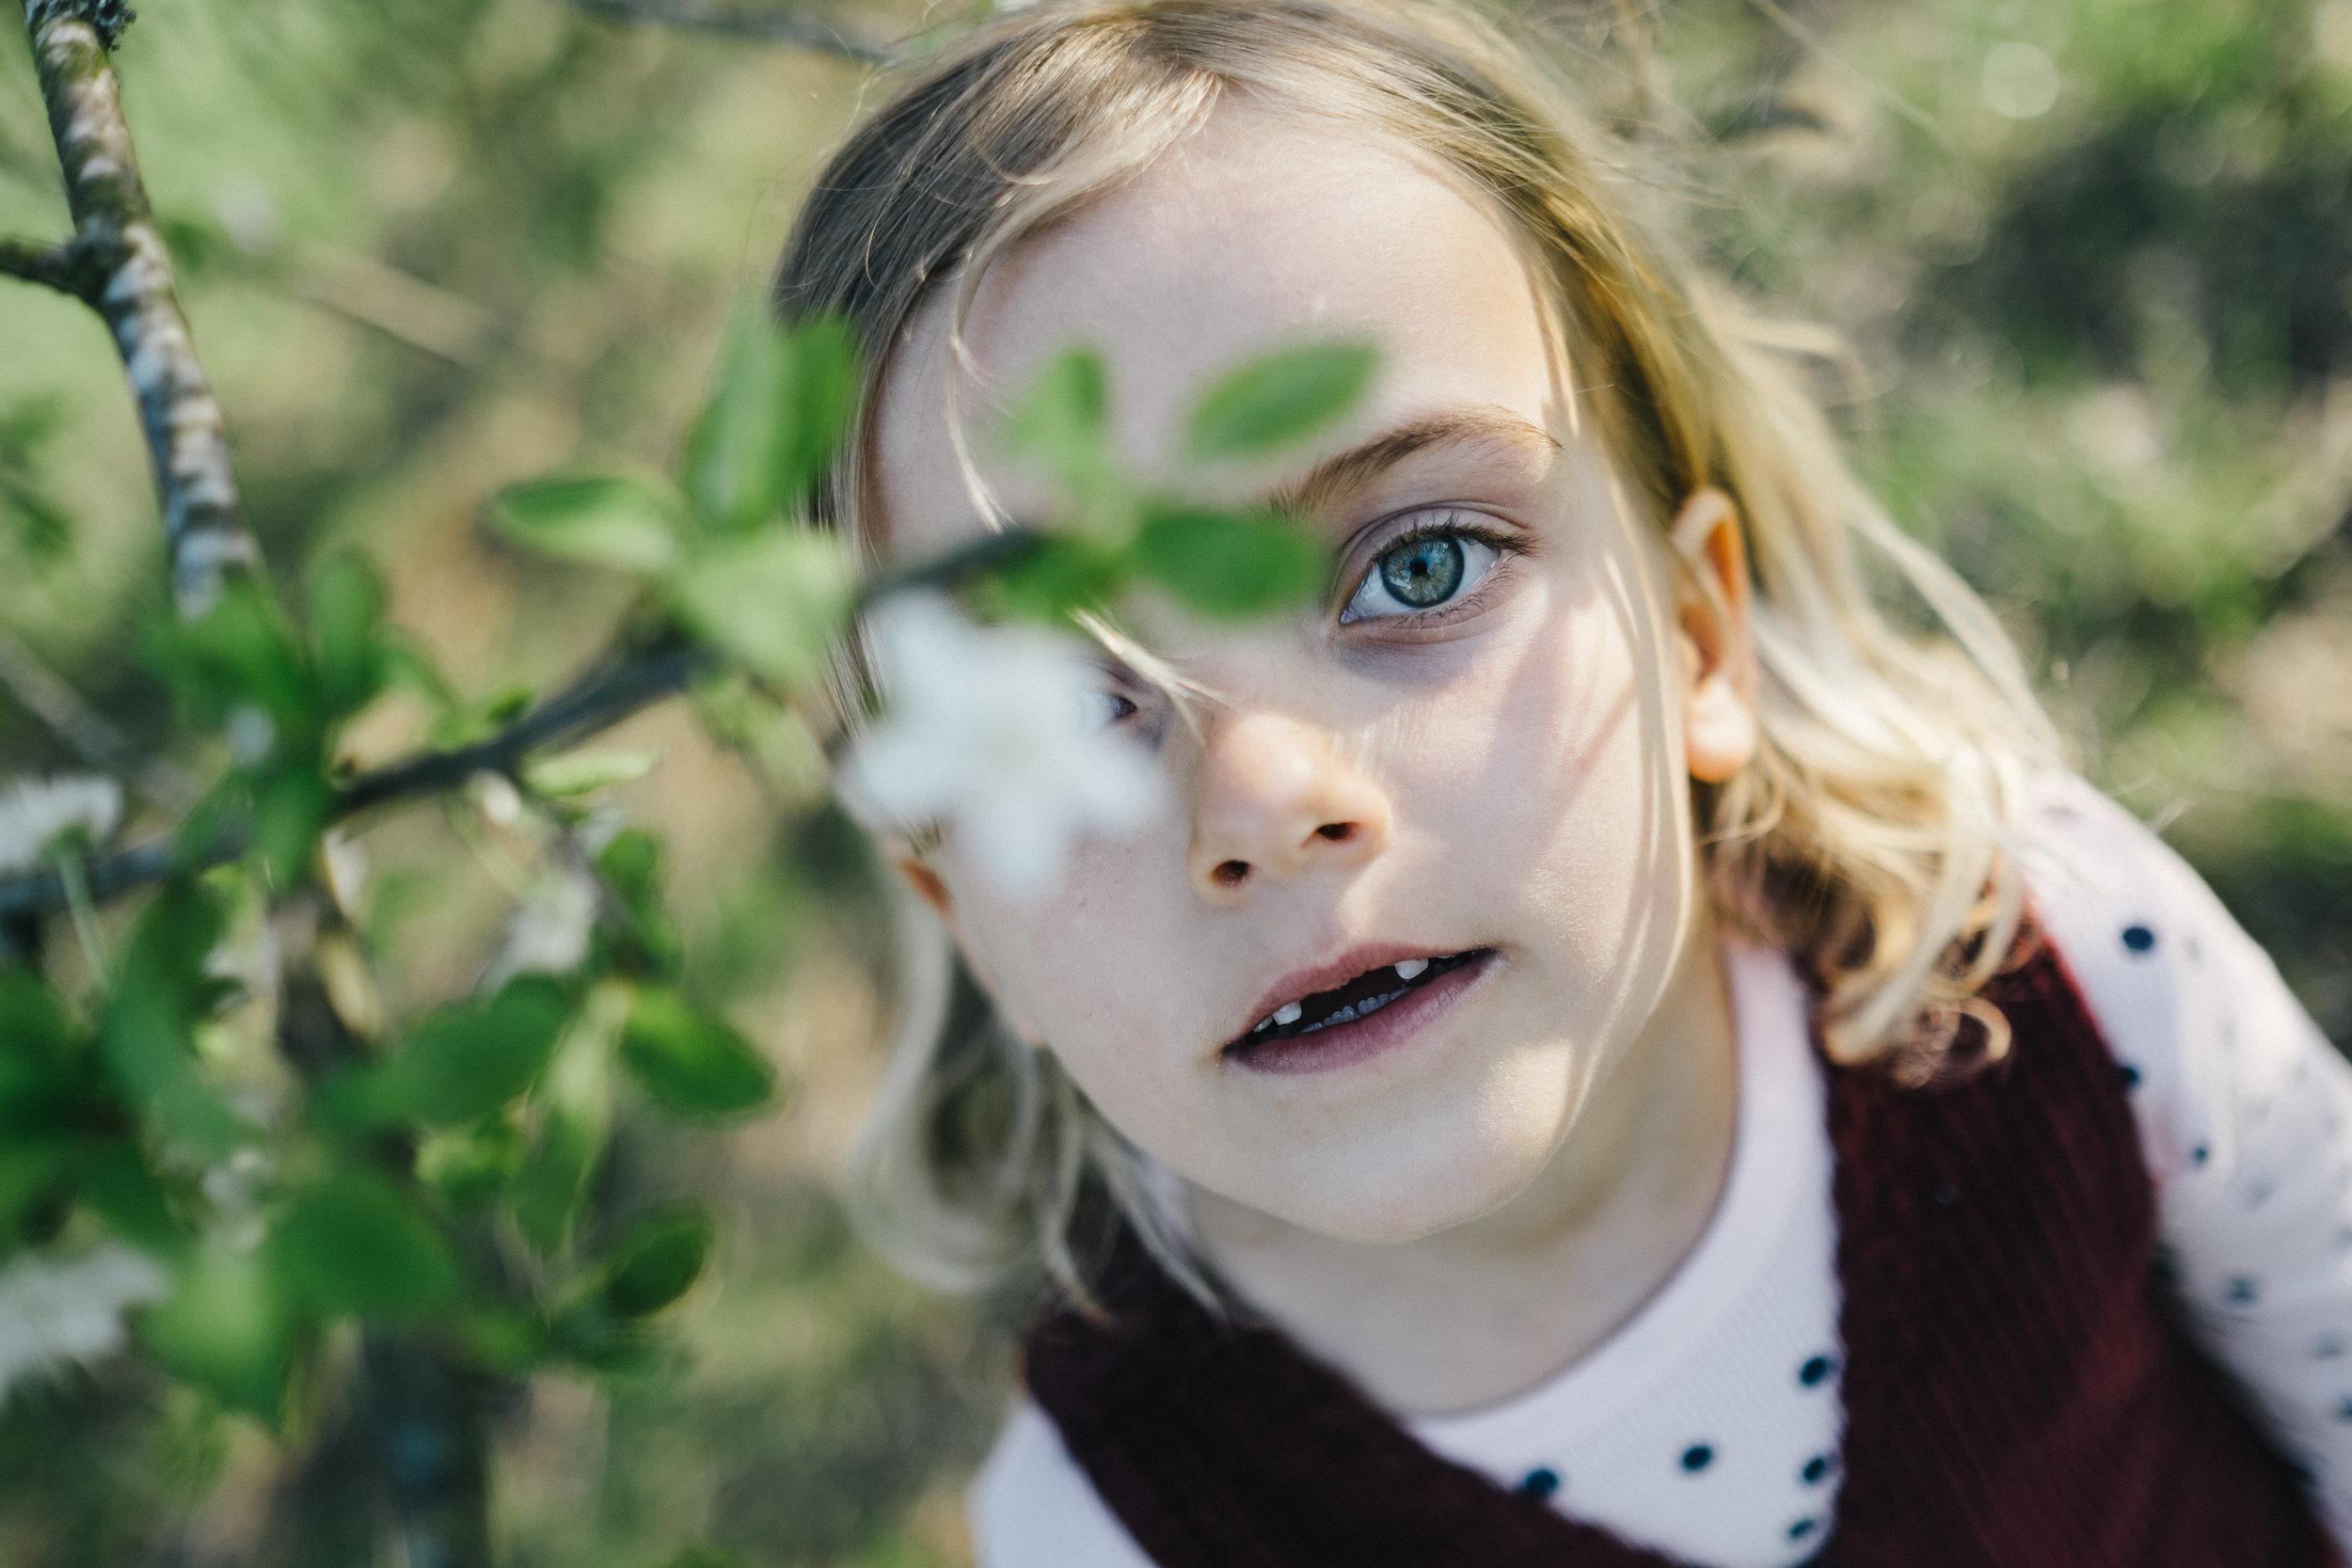 Streuobstwiese - Viola Mueller-Gerbes Photography-16.jpg